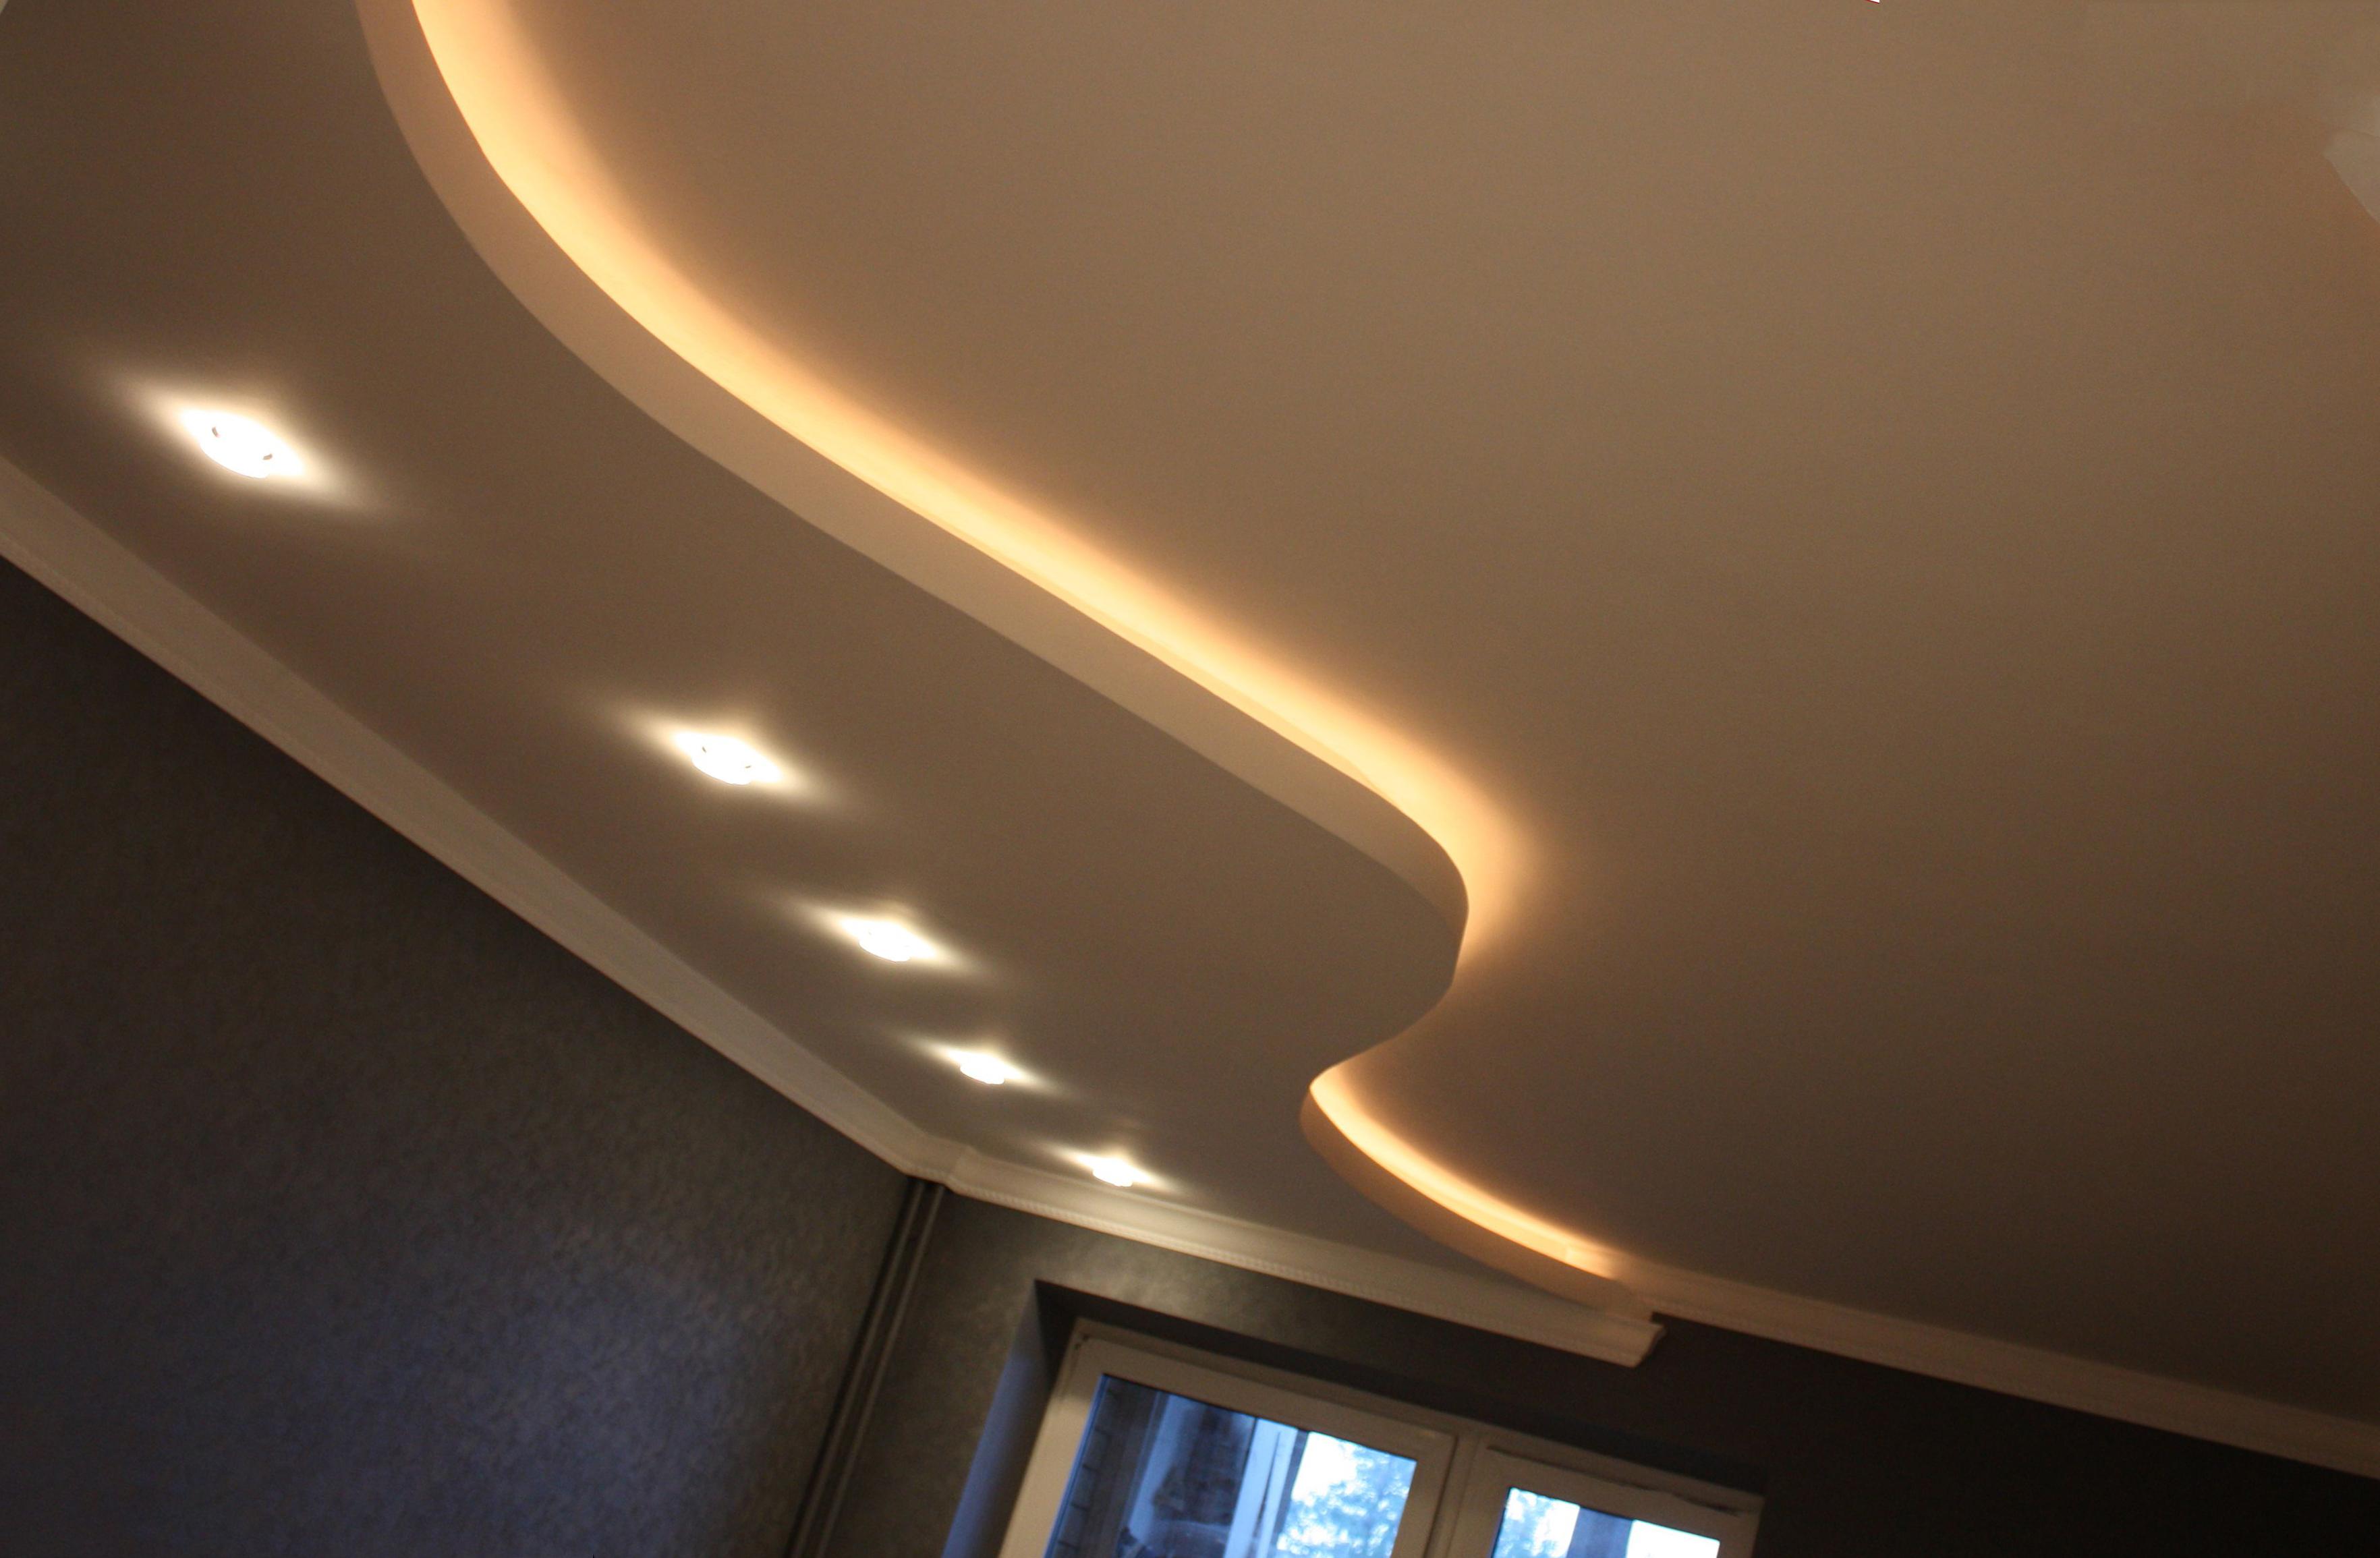 разрез потолка с подсветкой